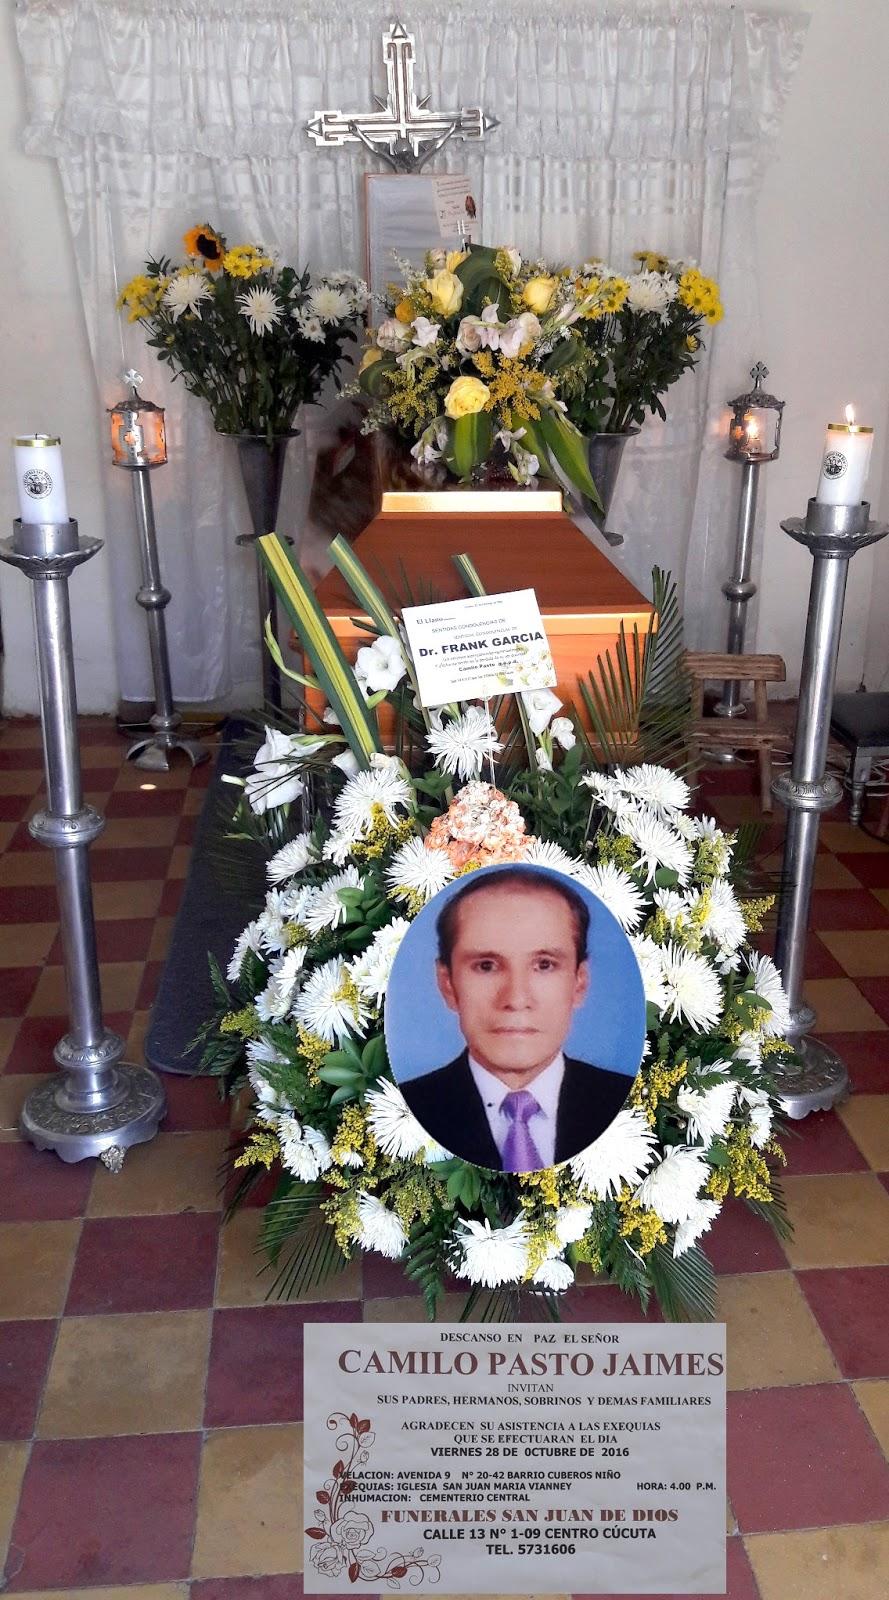 En Cúcuta, el Dr. Camilo Pasto Jaimes, descansó en la Paz del Señor #ReporteroSoyYo #RSY #CorpoFrontera #CF